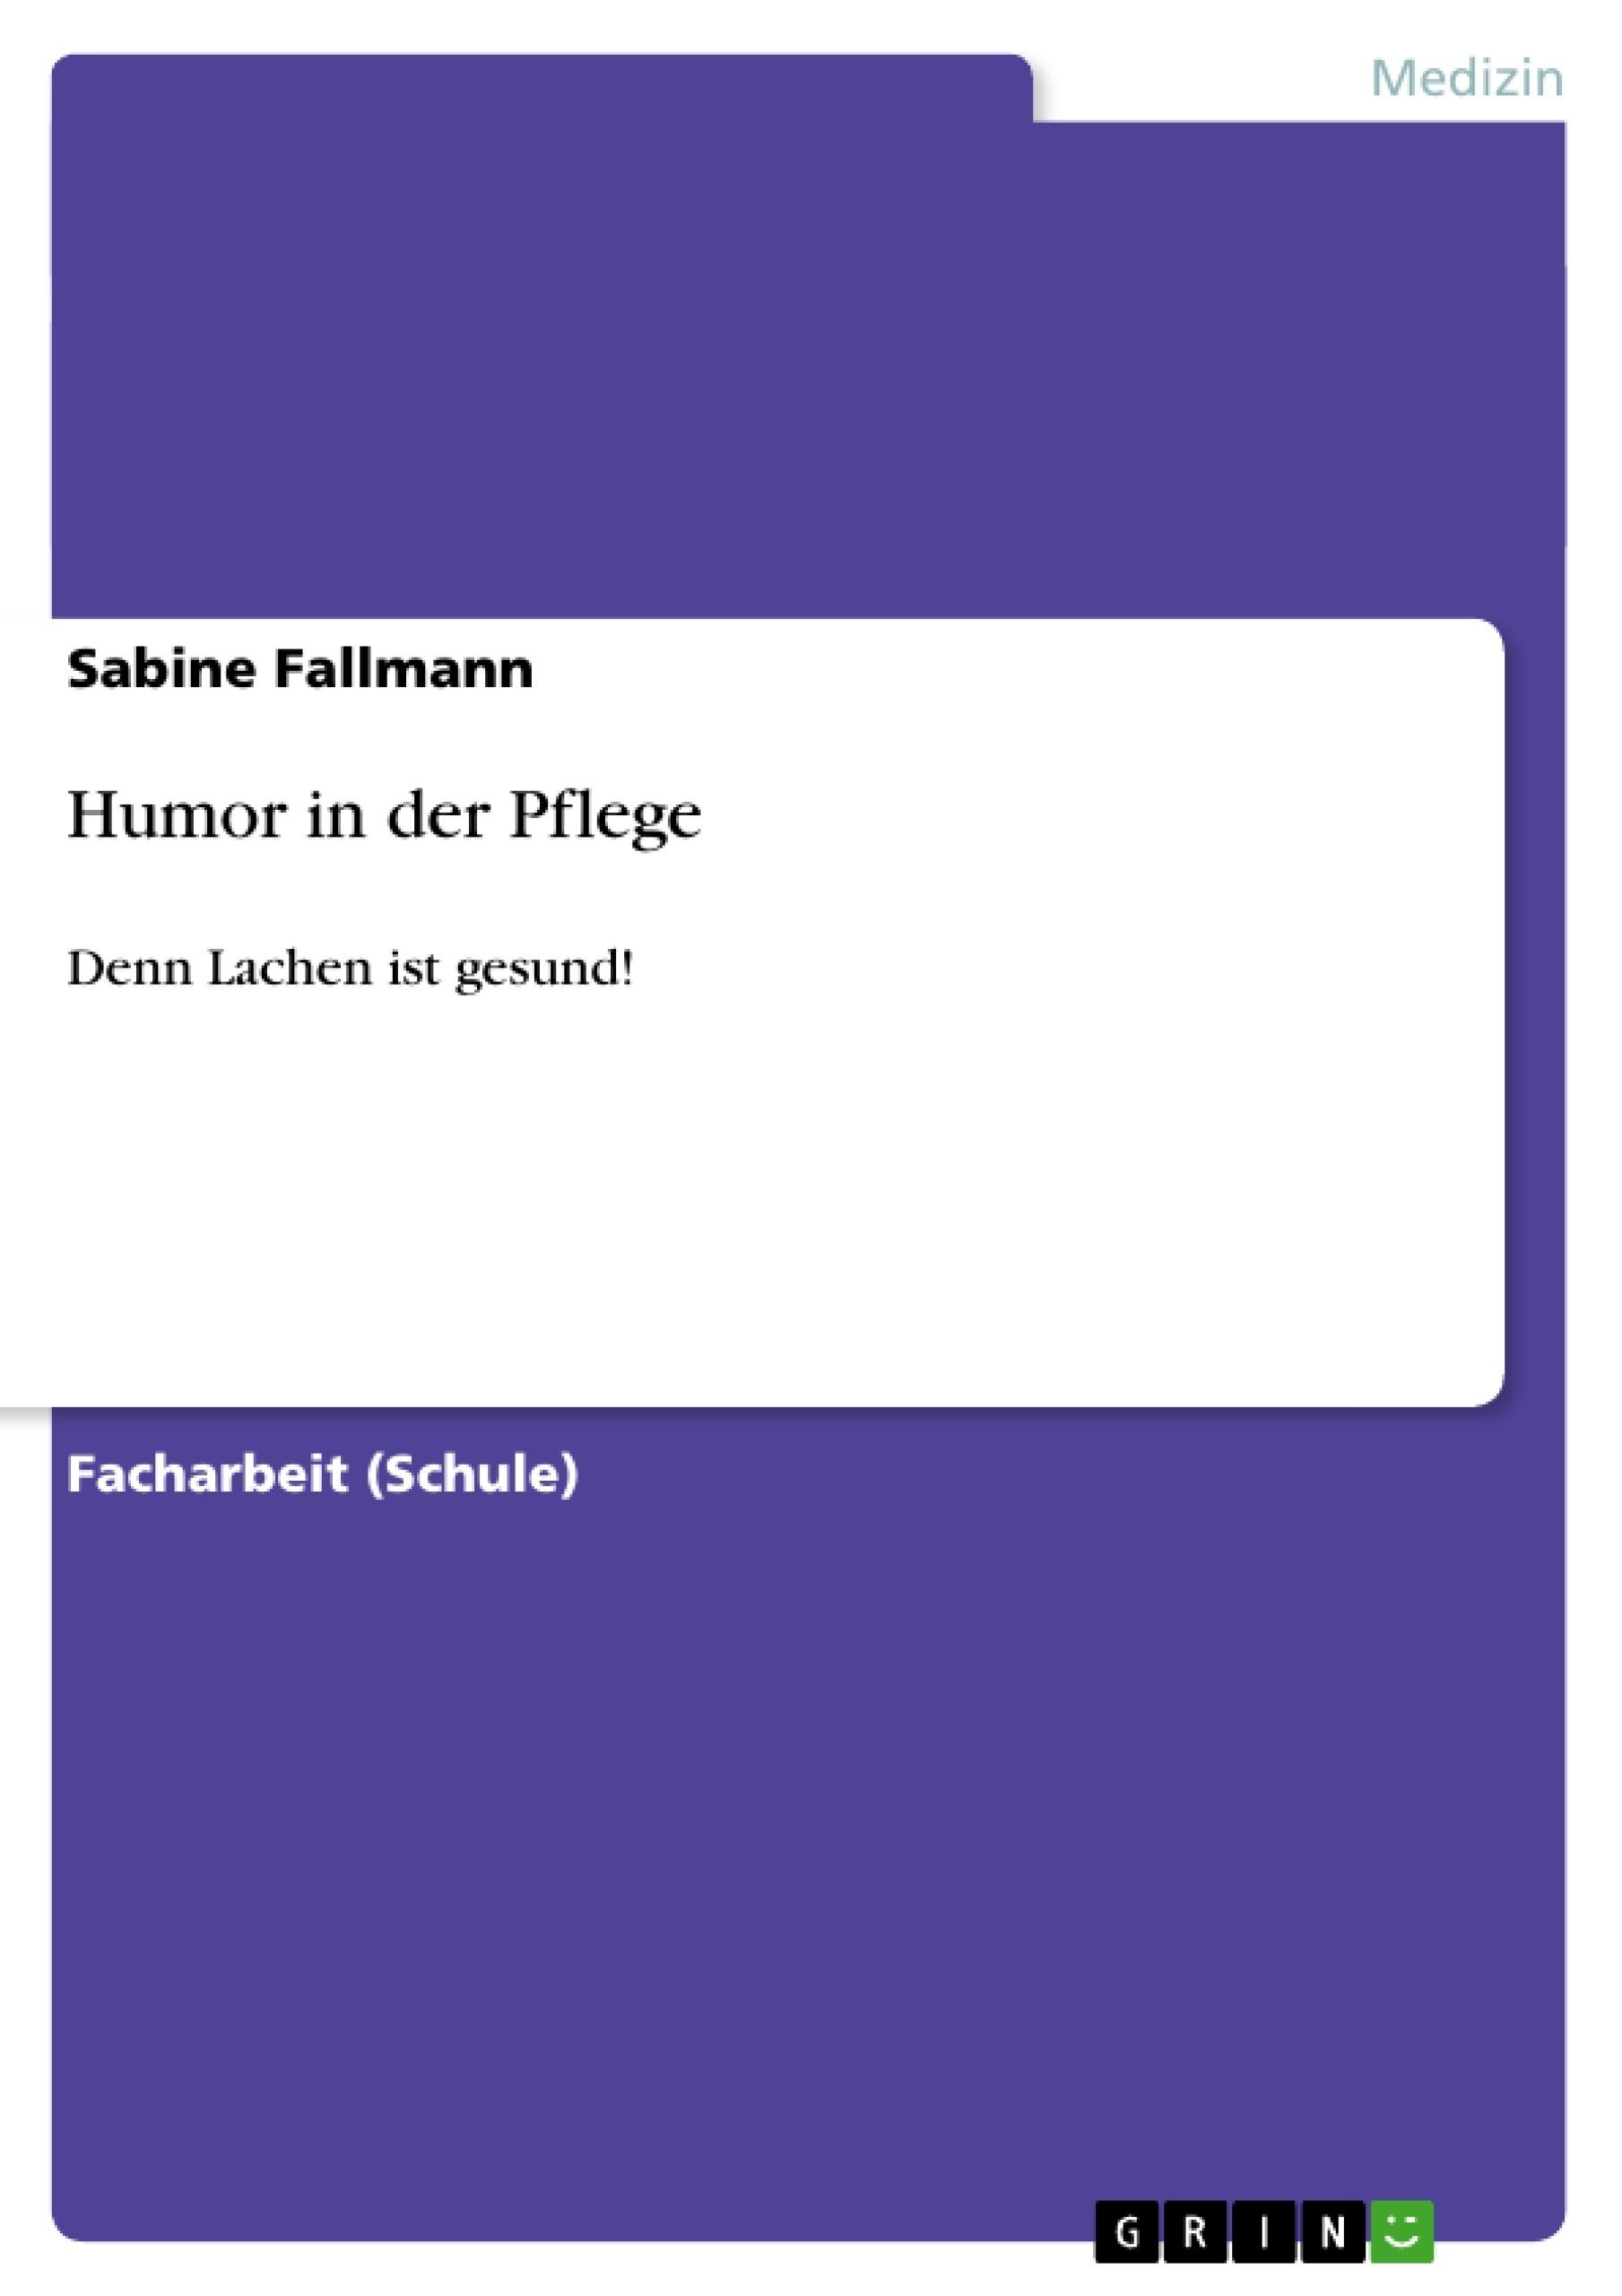 Titel: Humor in der Pflege